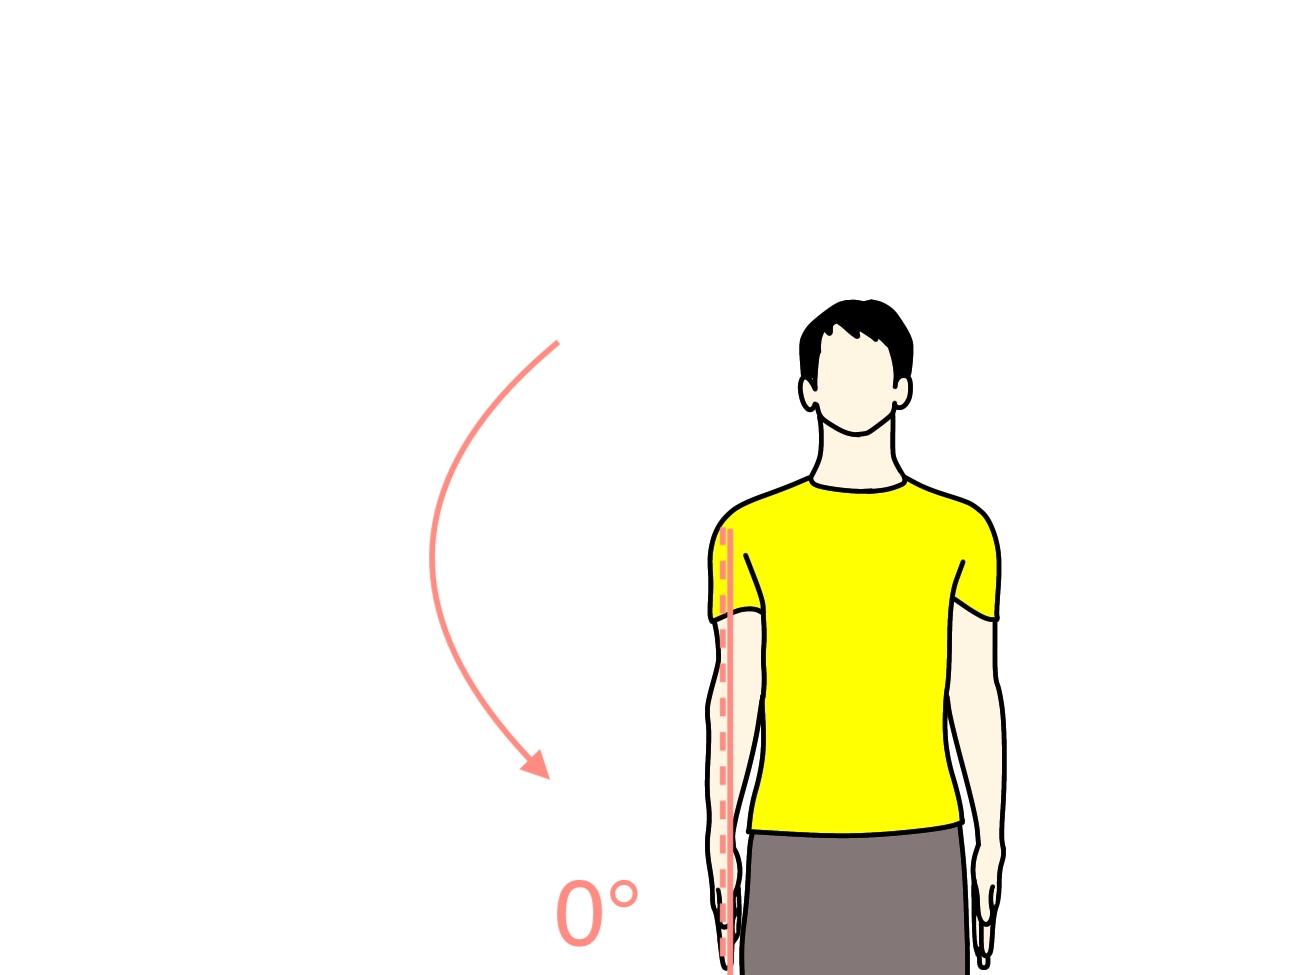 腕を体幹側に閉じる動作(肩関節の内転)の関節可動域(ROM)と働く筋肉のまとめ